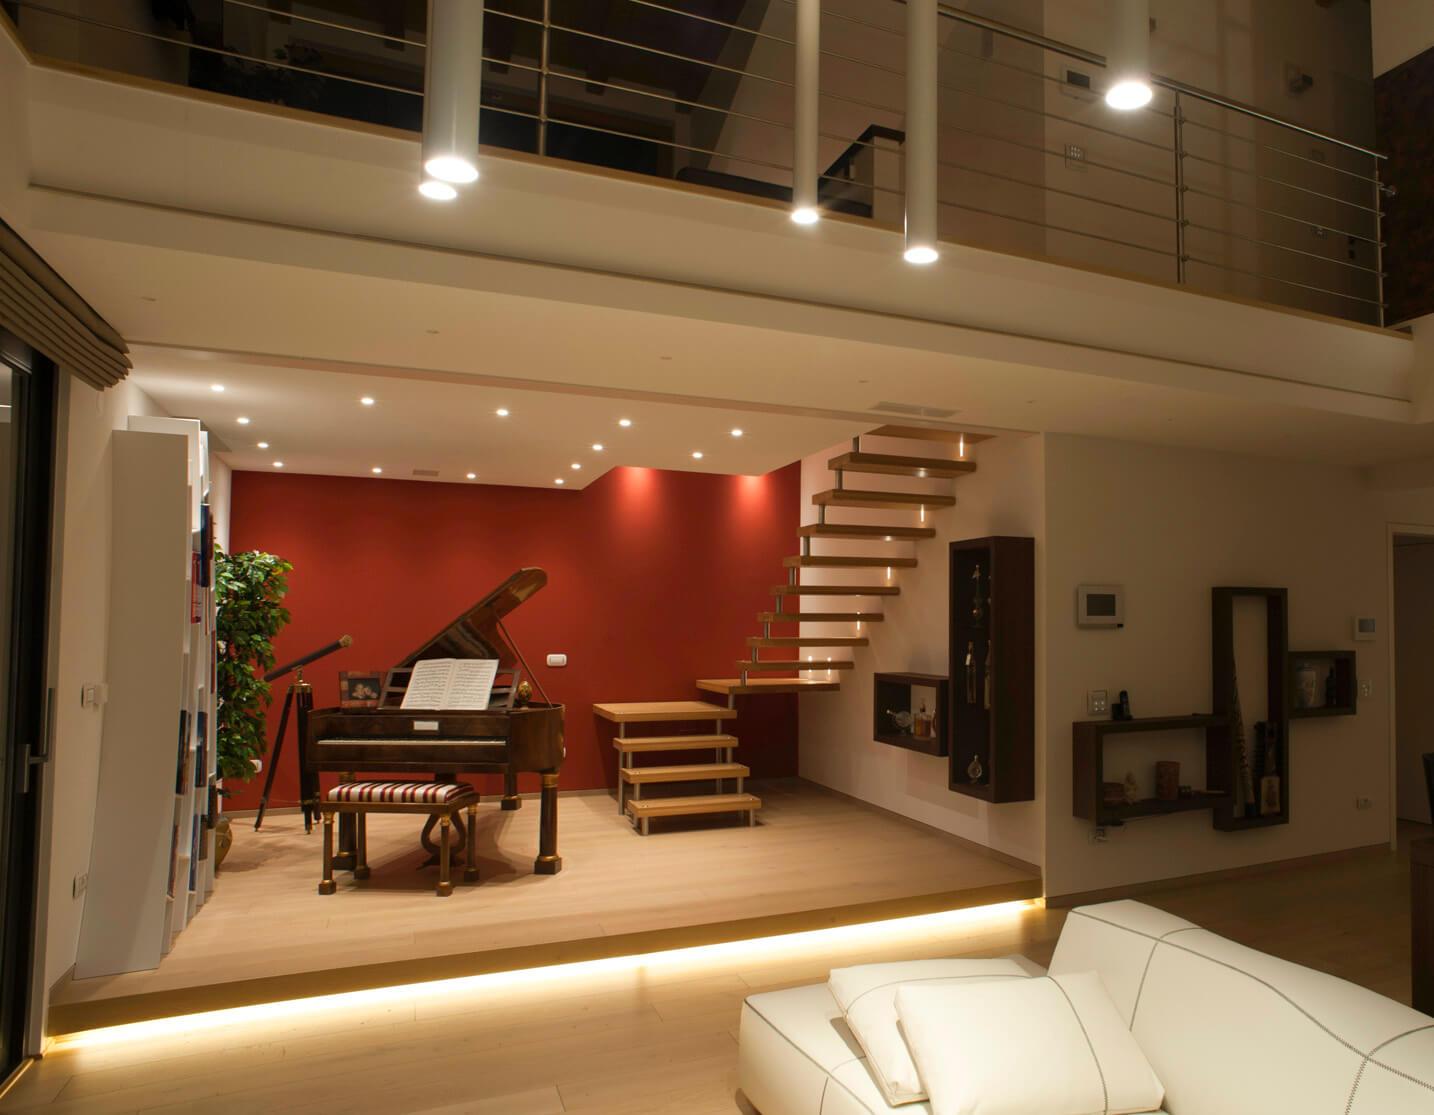 Illuminazione salotto brillamenti brillamenti - Come illuminare casa ...